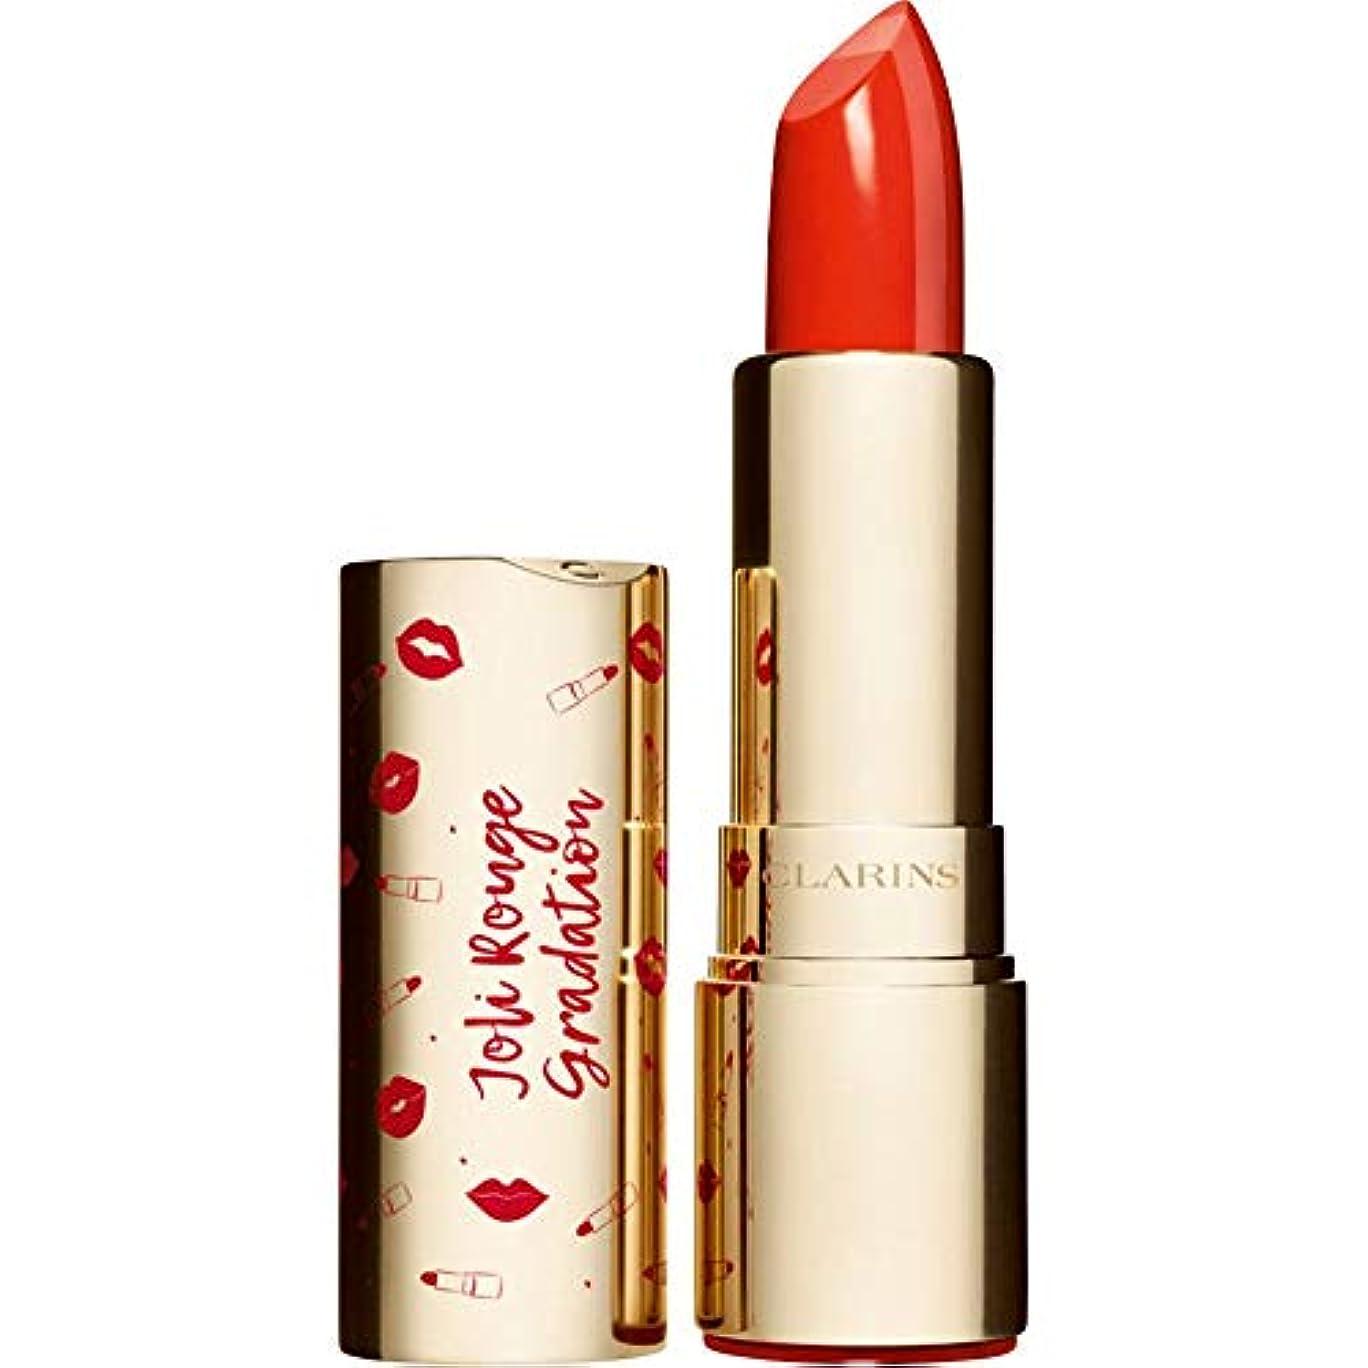 超高層ビルメッセージ添加[Clarins] クラランスジョリルージュグラデーションツートンカラーの口紅3.5グラム801 - 珊瑚グラデーション - Clarins Joli Rouge Gradation Two-Toned Lipstick 3.5g 801 - Coral Gradation [並行輸入品]